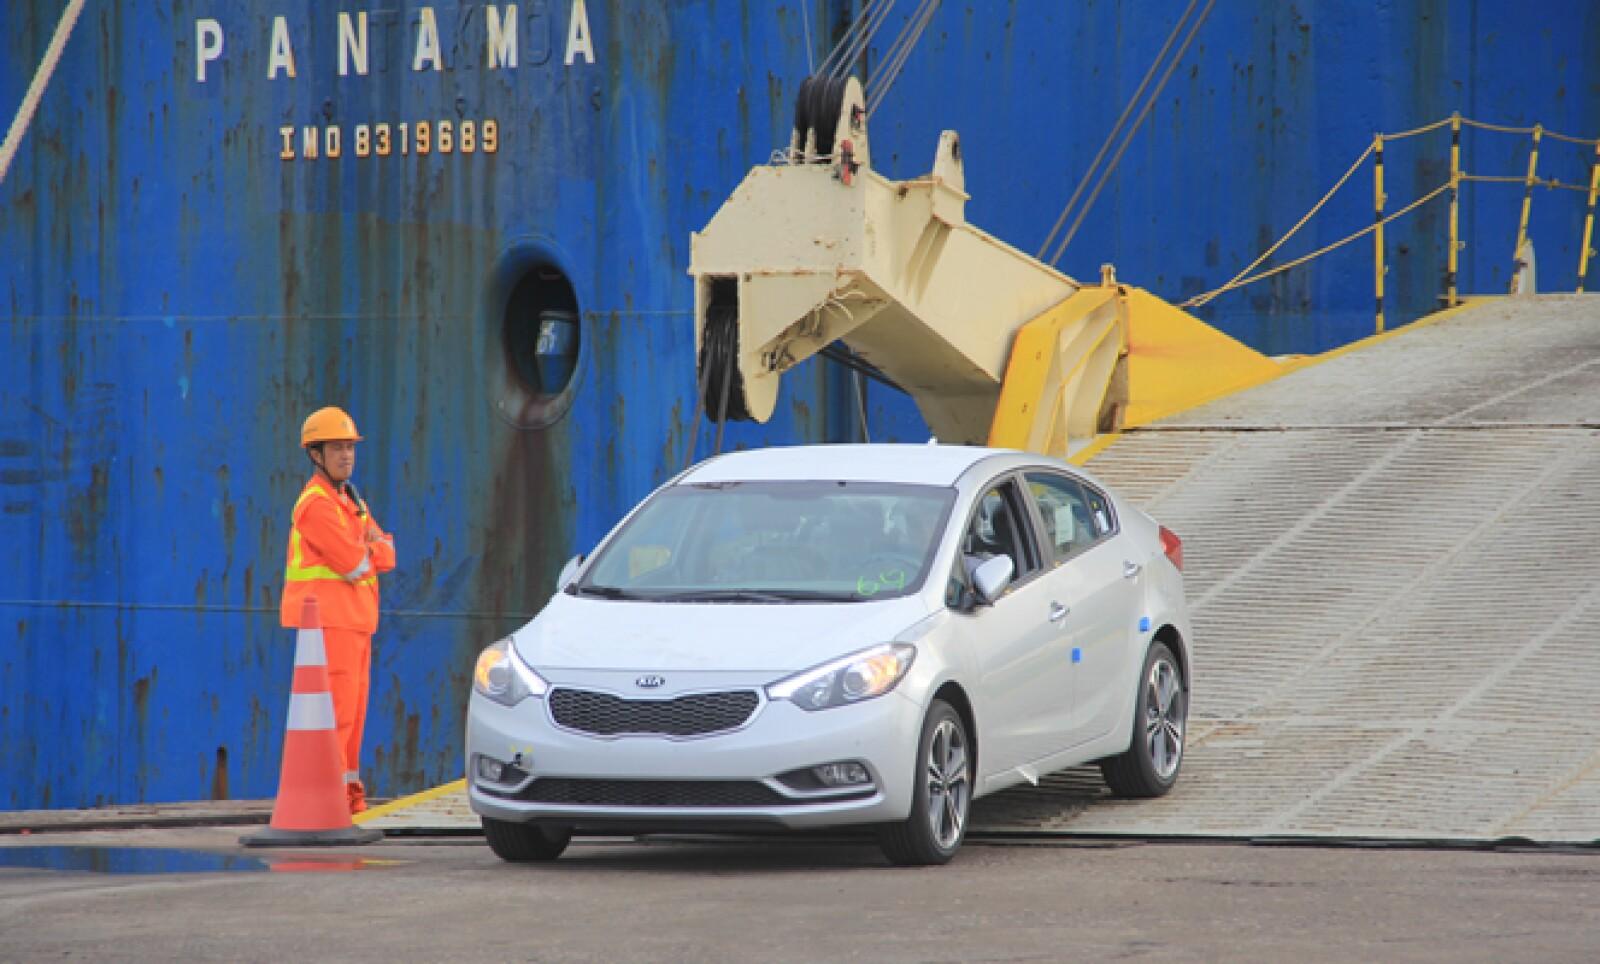 El desembarque de estos vehículos es uno de los últimos detalles antes de arrancar su comercialización el próximo 1 de julio.